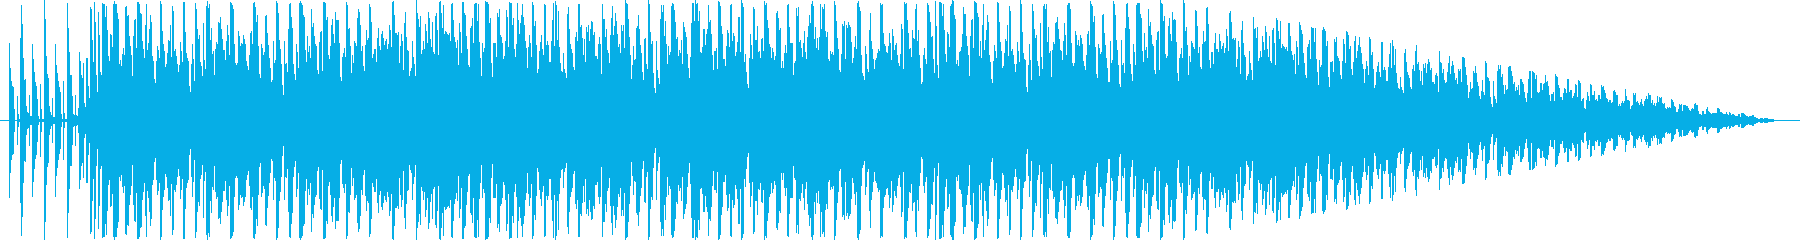 シンセがジェネシスになりました。ダ...の再生済みの波形